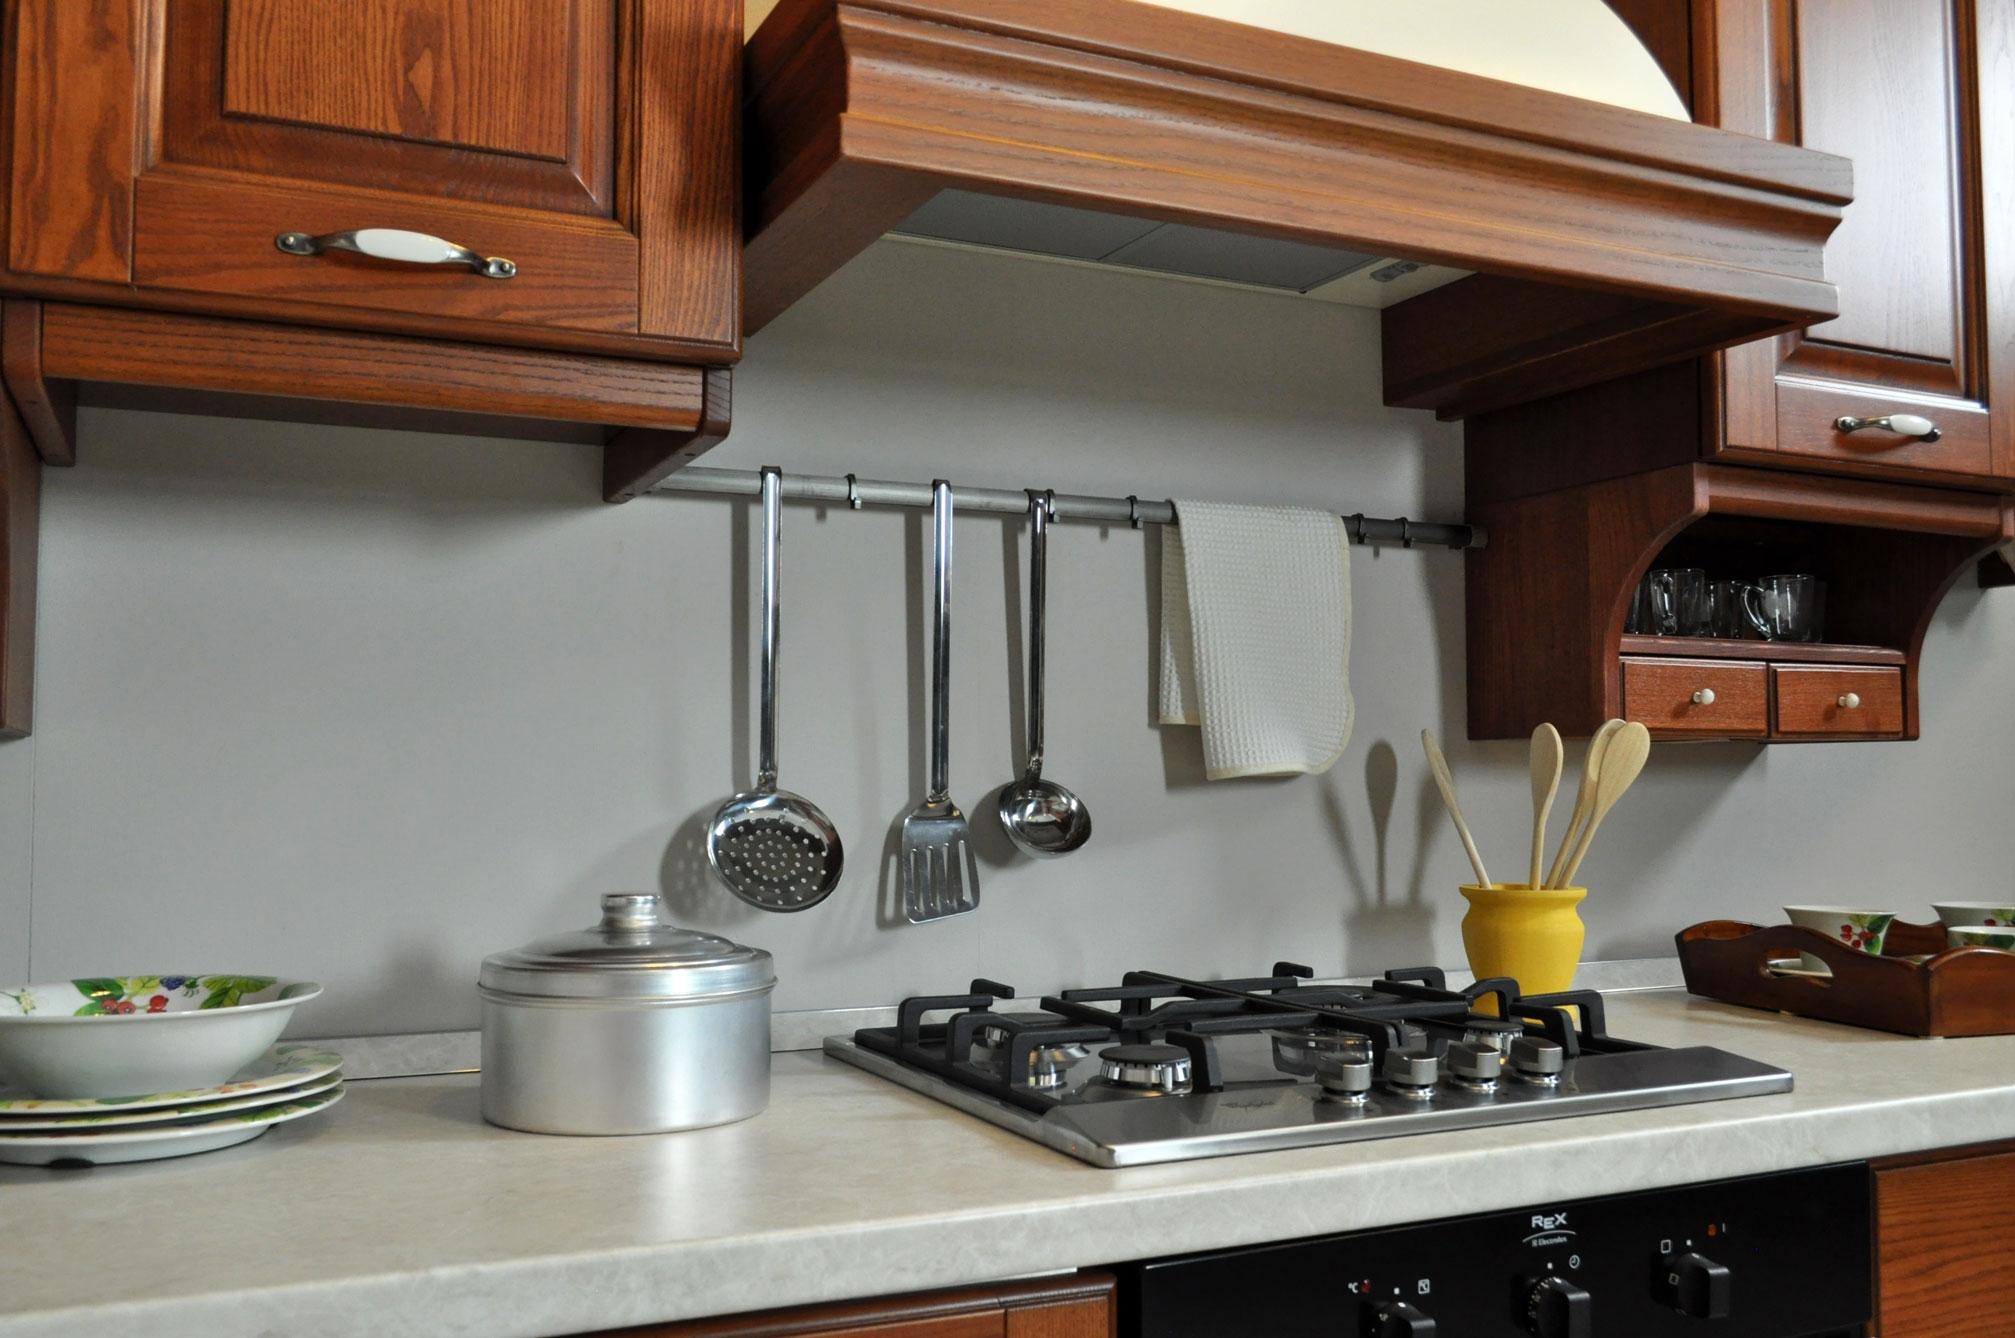 Veneta Cucine Con Elettrodomestici Scontata A Prezzo Offerta Cucine  #763F21 2015 1338 Veneta Cucine è Una Buona Marca